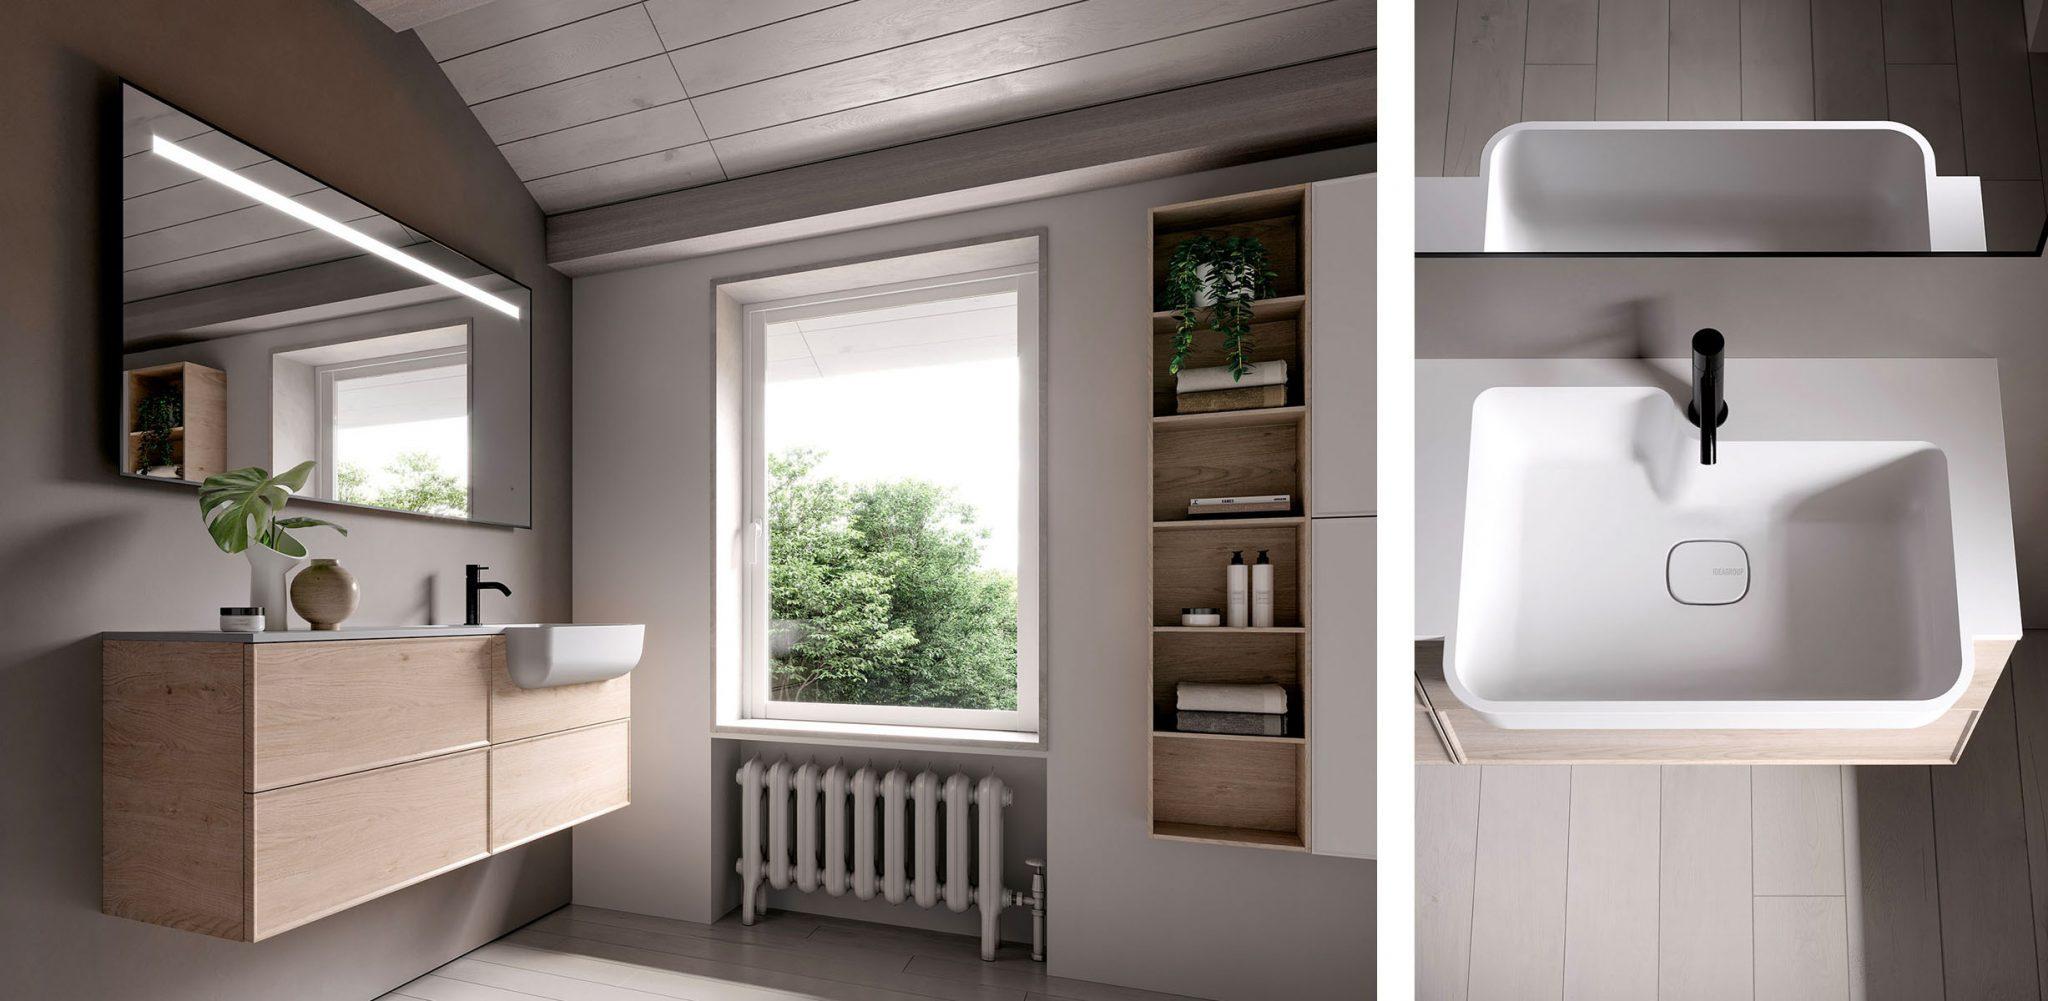 Rinnovare il bagno: idee da copiare - Pianeta Design